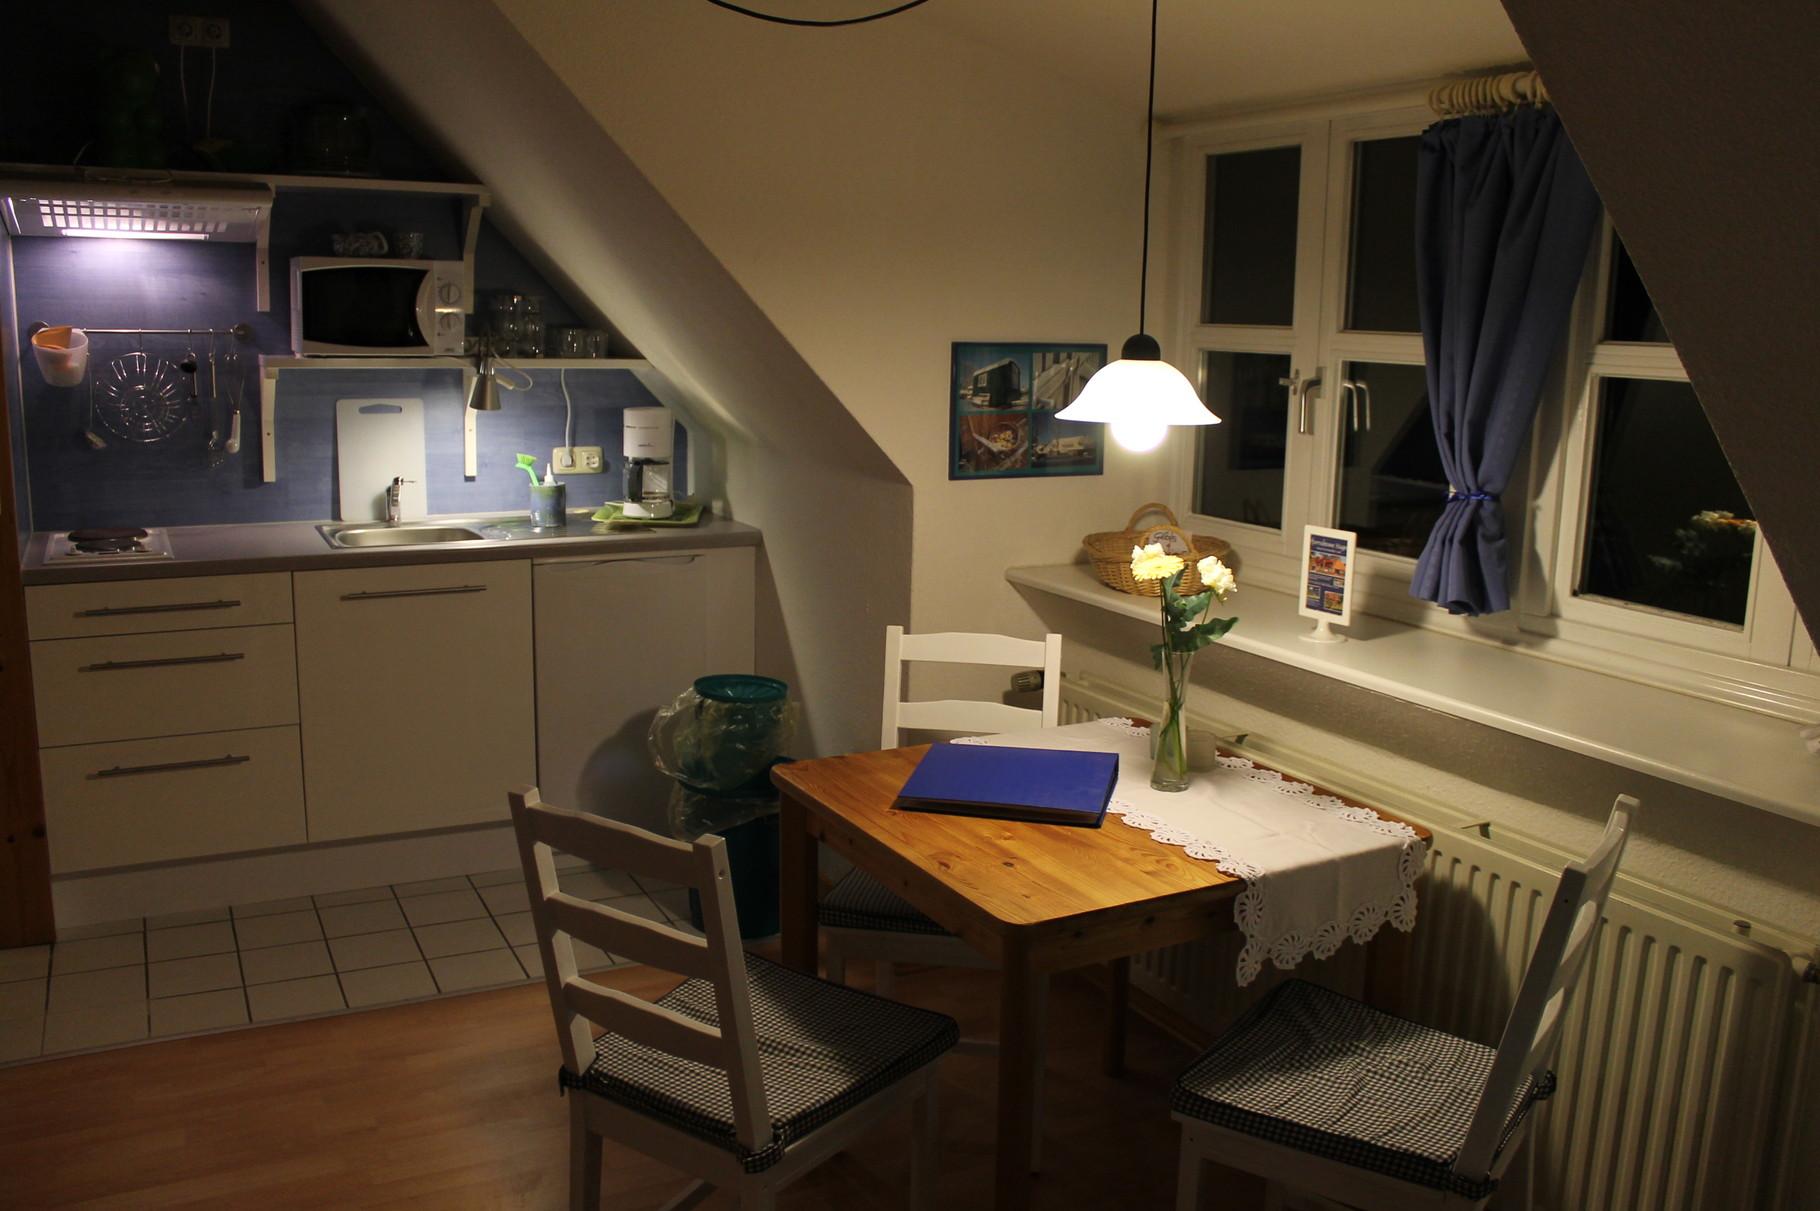 Wohnung 1, Küche, Esstisch